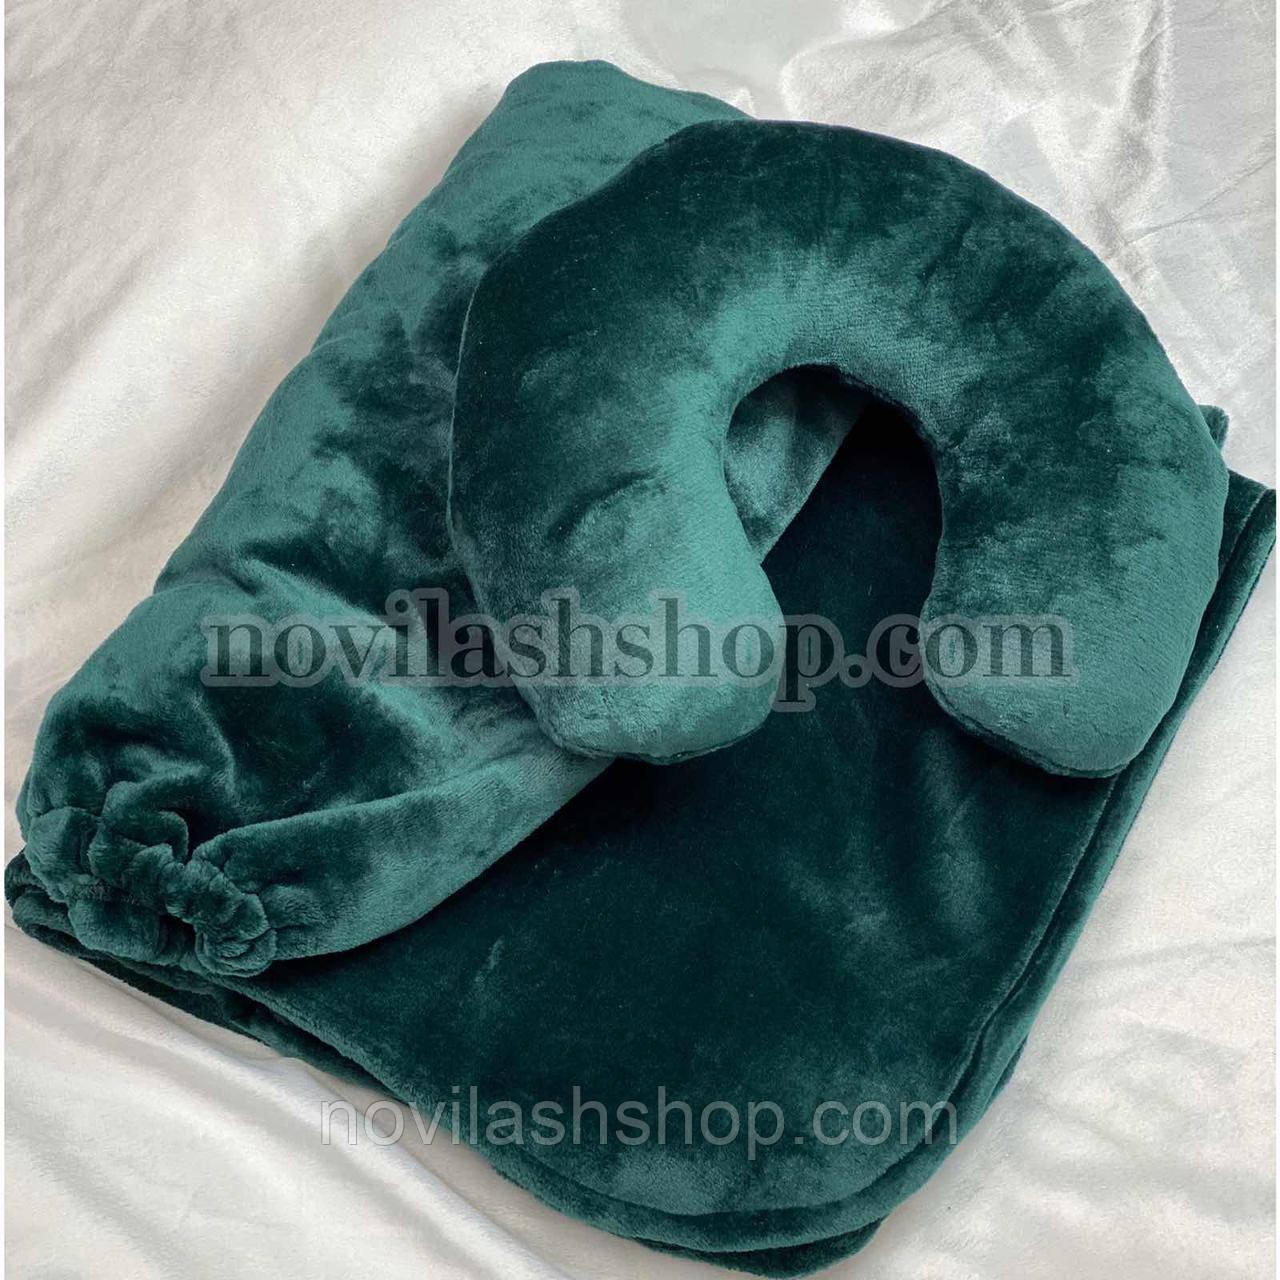 Набір 3в1: подушка, покривало, чохол на кушетку (махра)Колір: смарагдовий